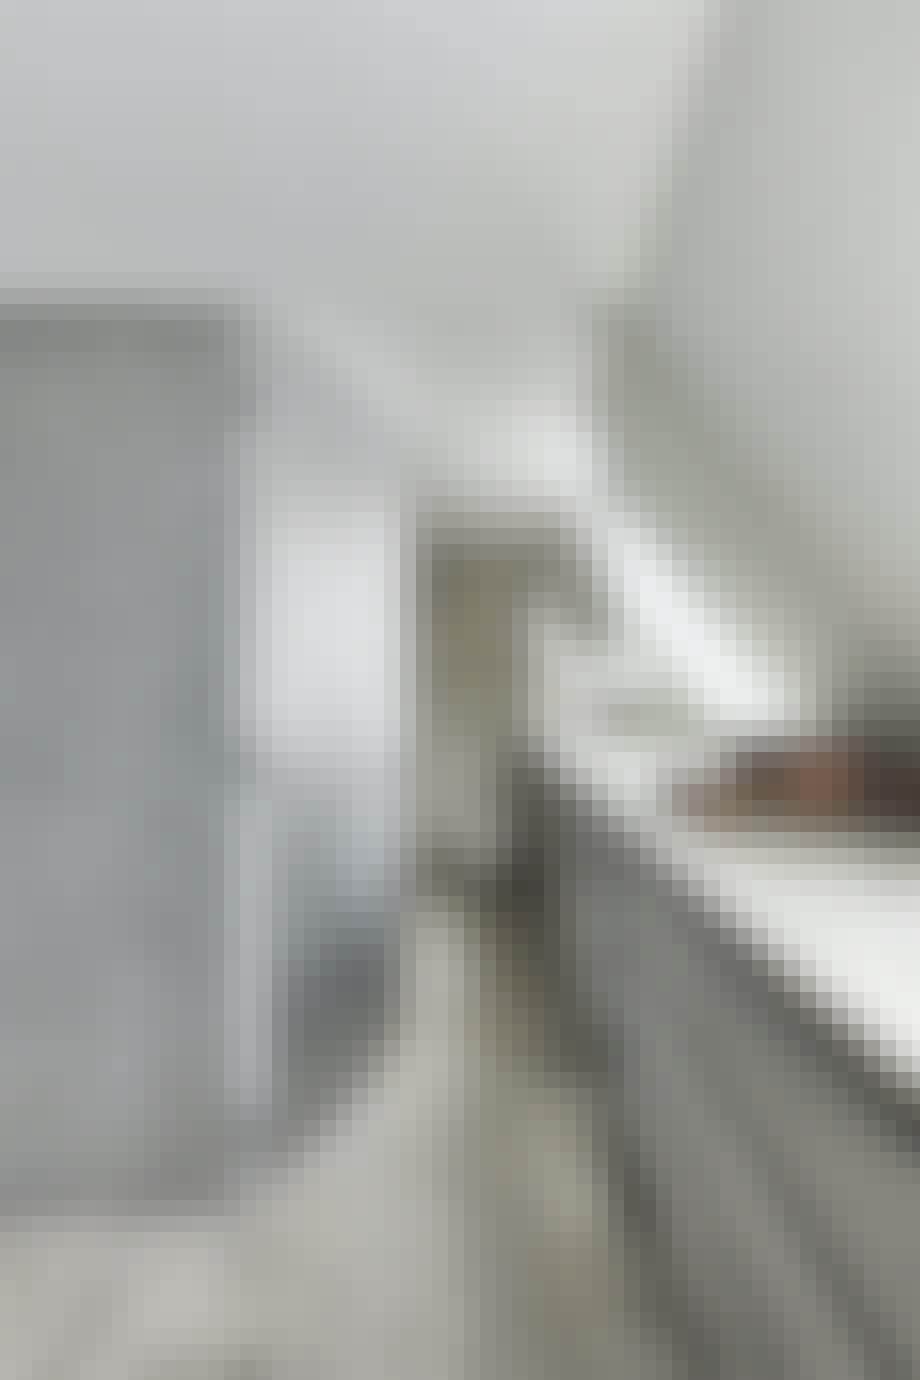 Kig til badeværelset med gulv af sølvtravertin.